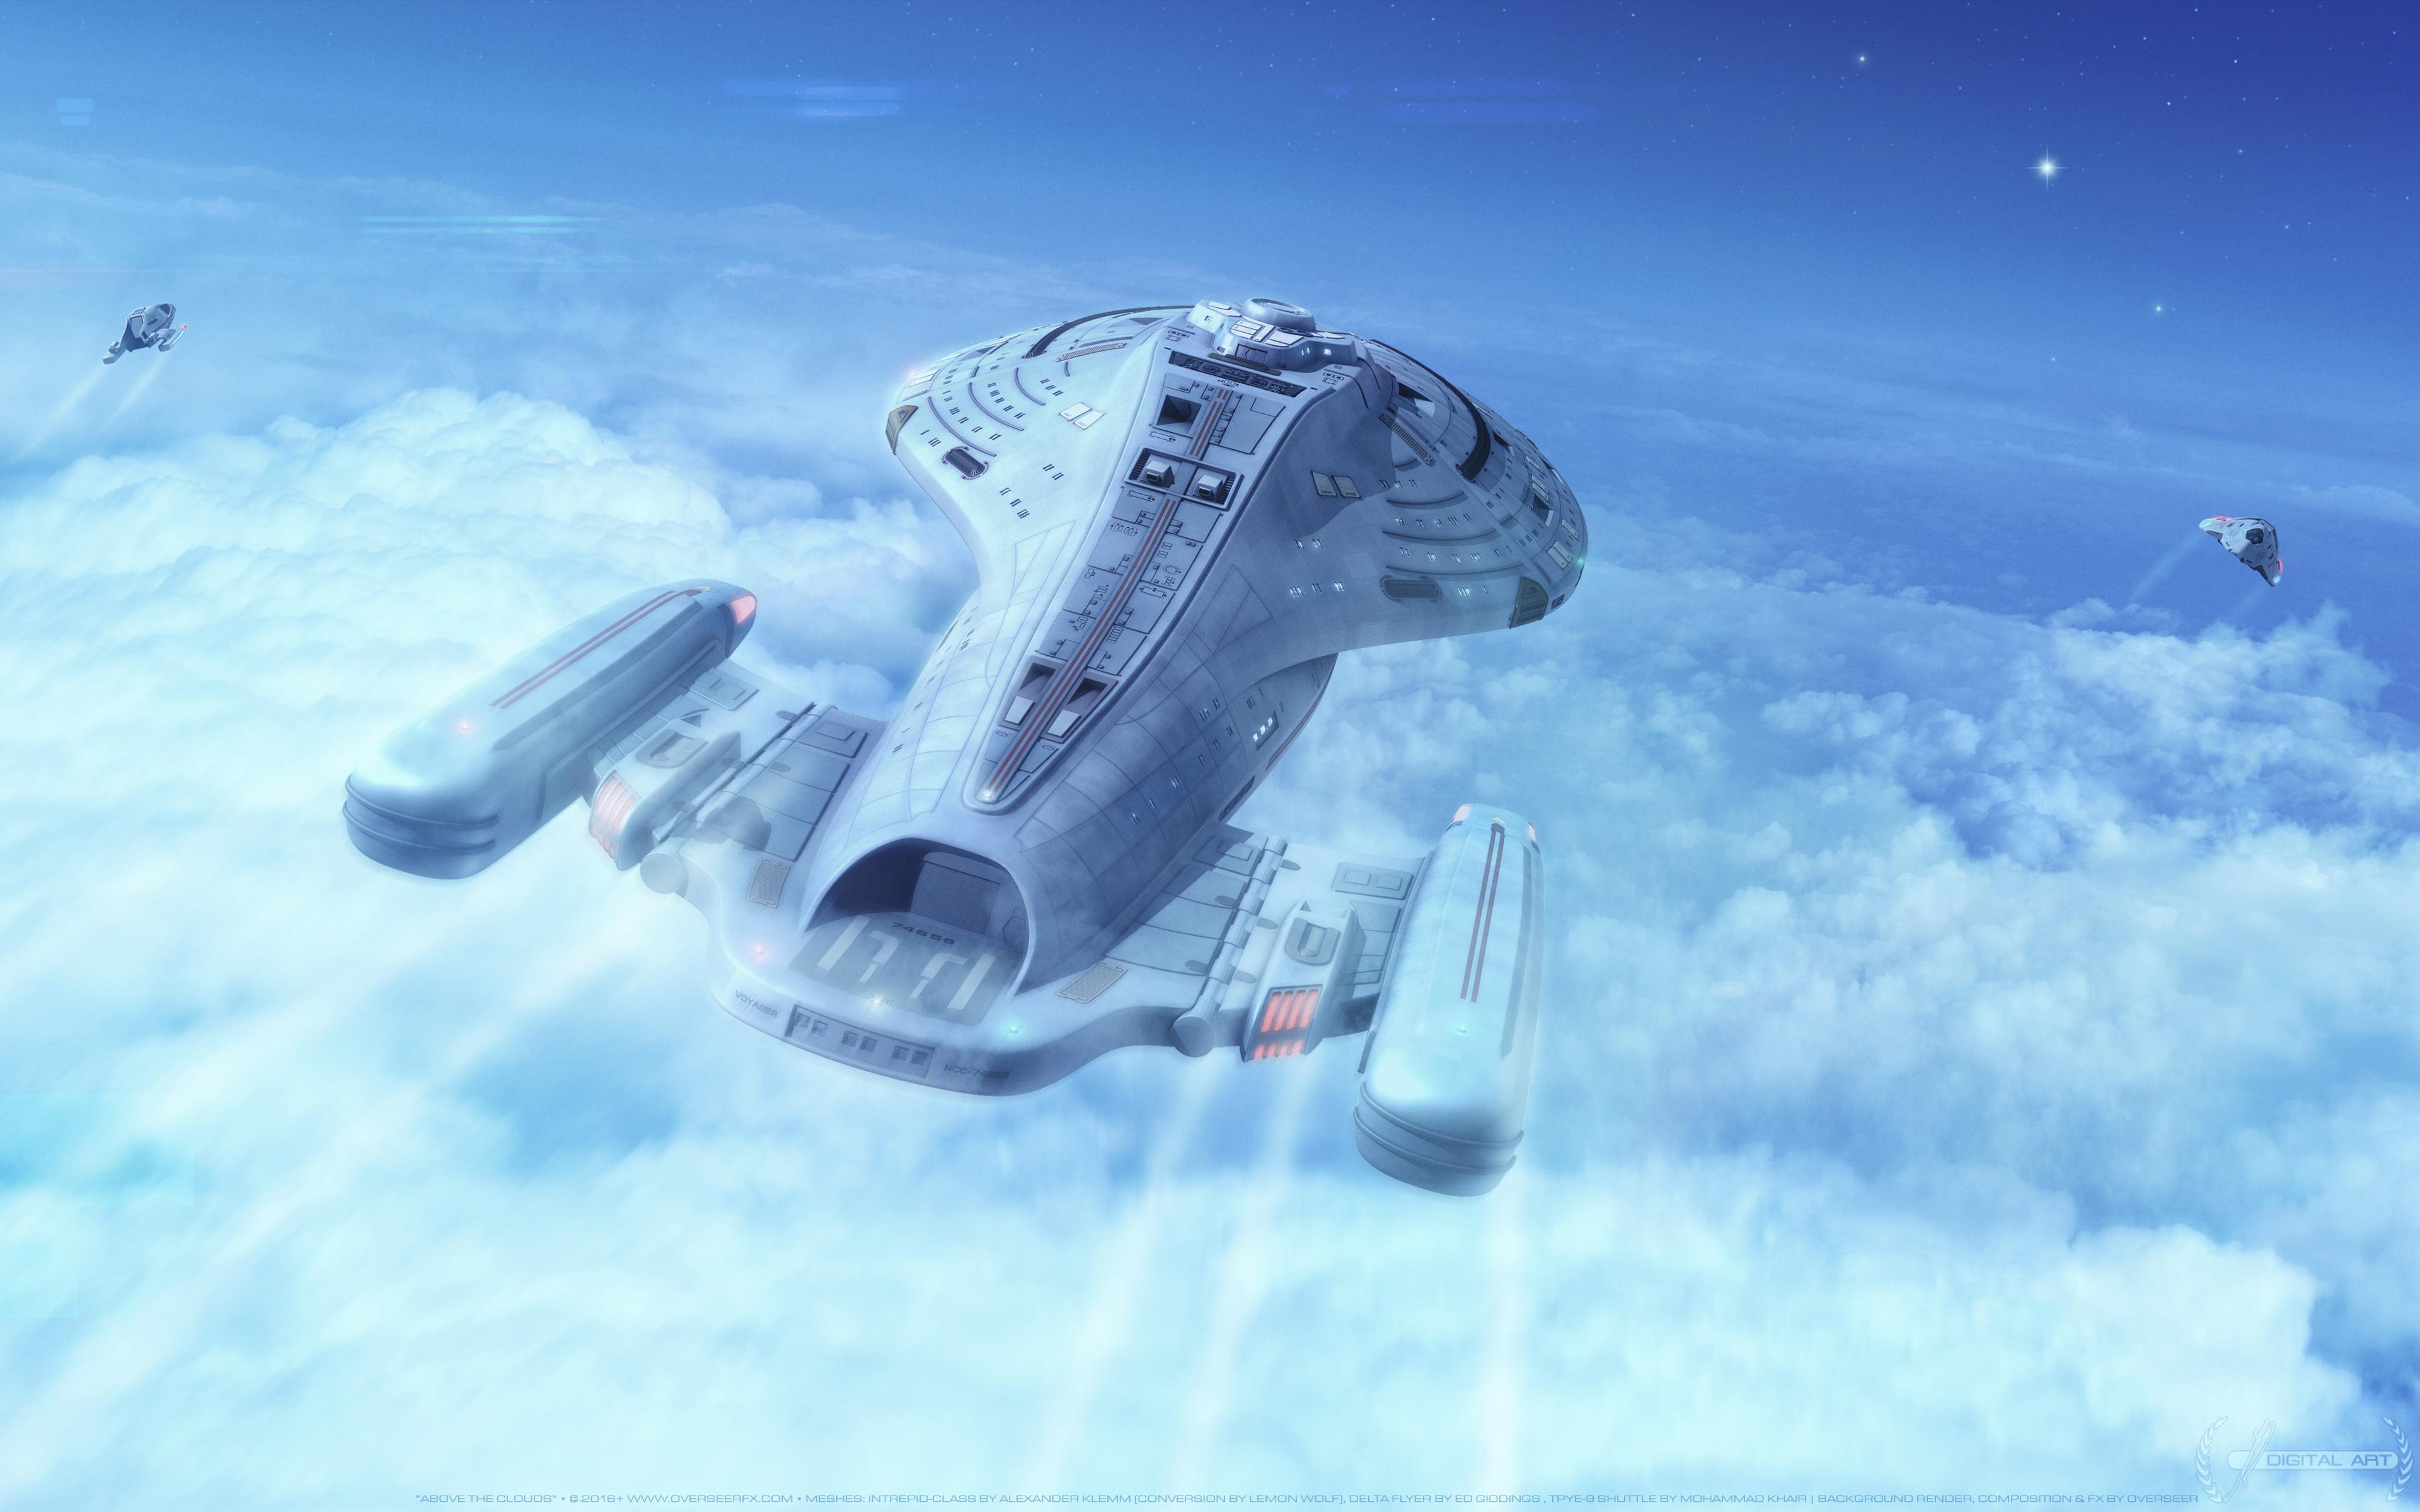 Wallpaper 4k Star Trek Voyager Spaceship 4k Planets Spaceship